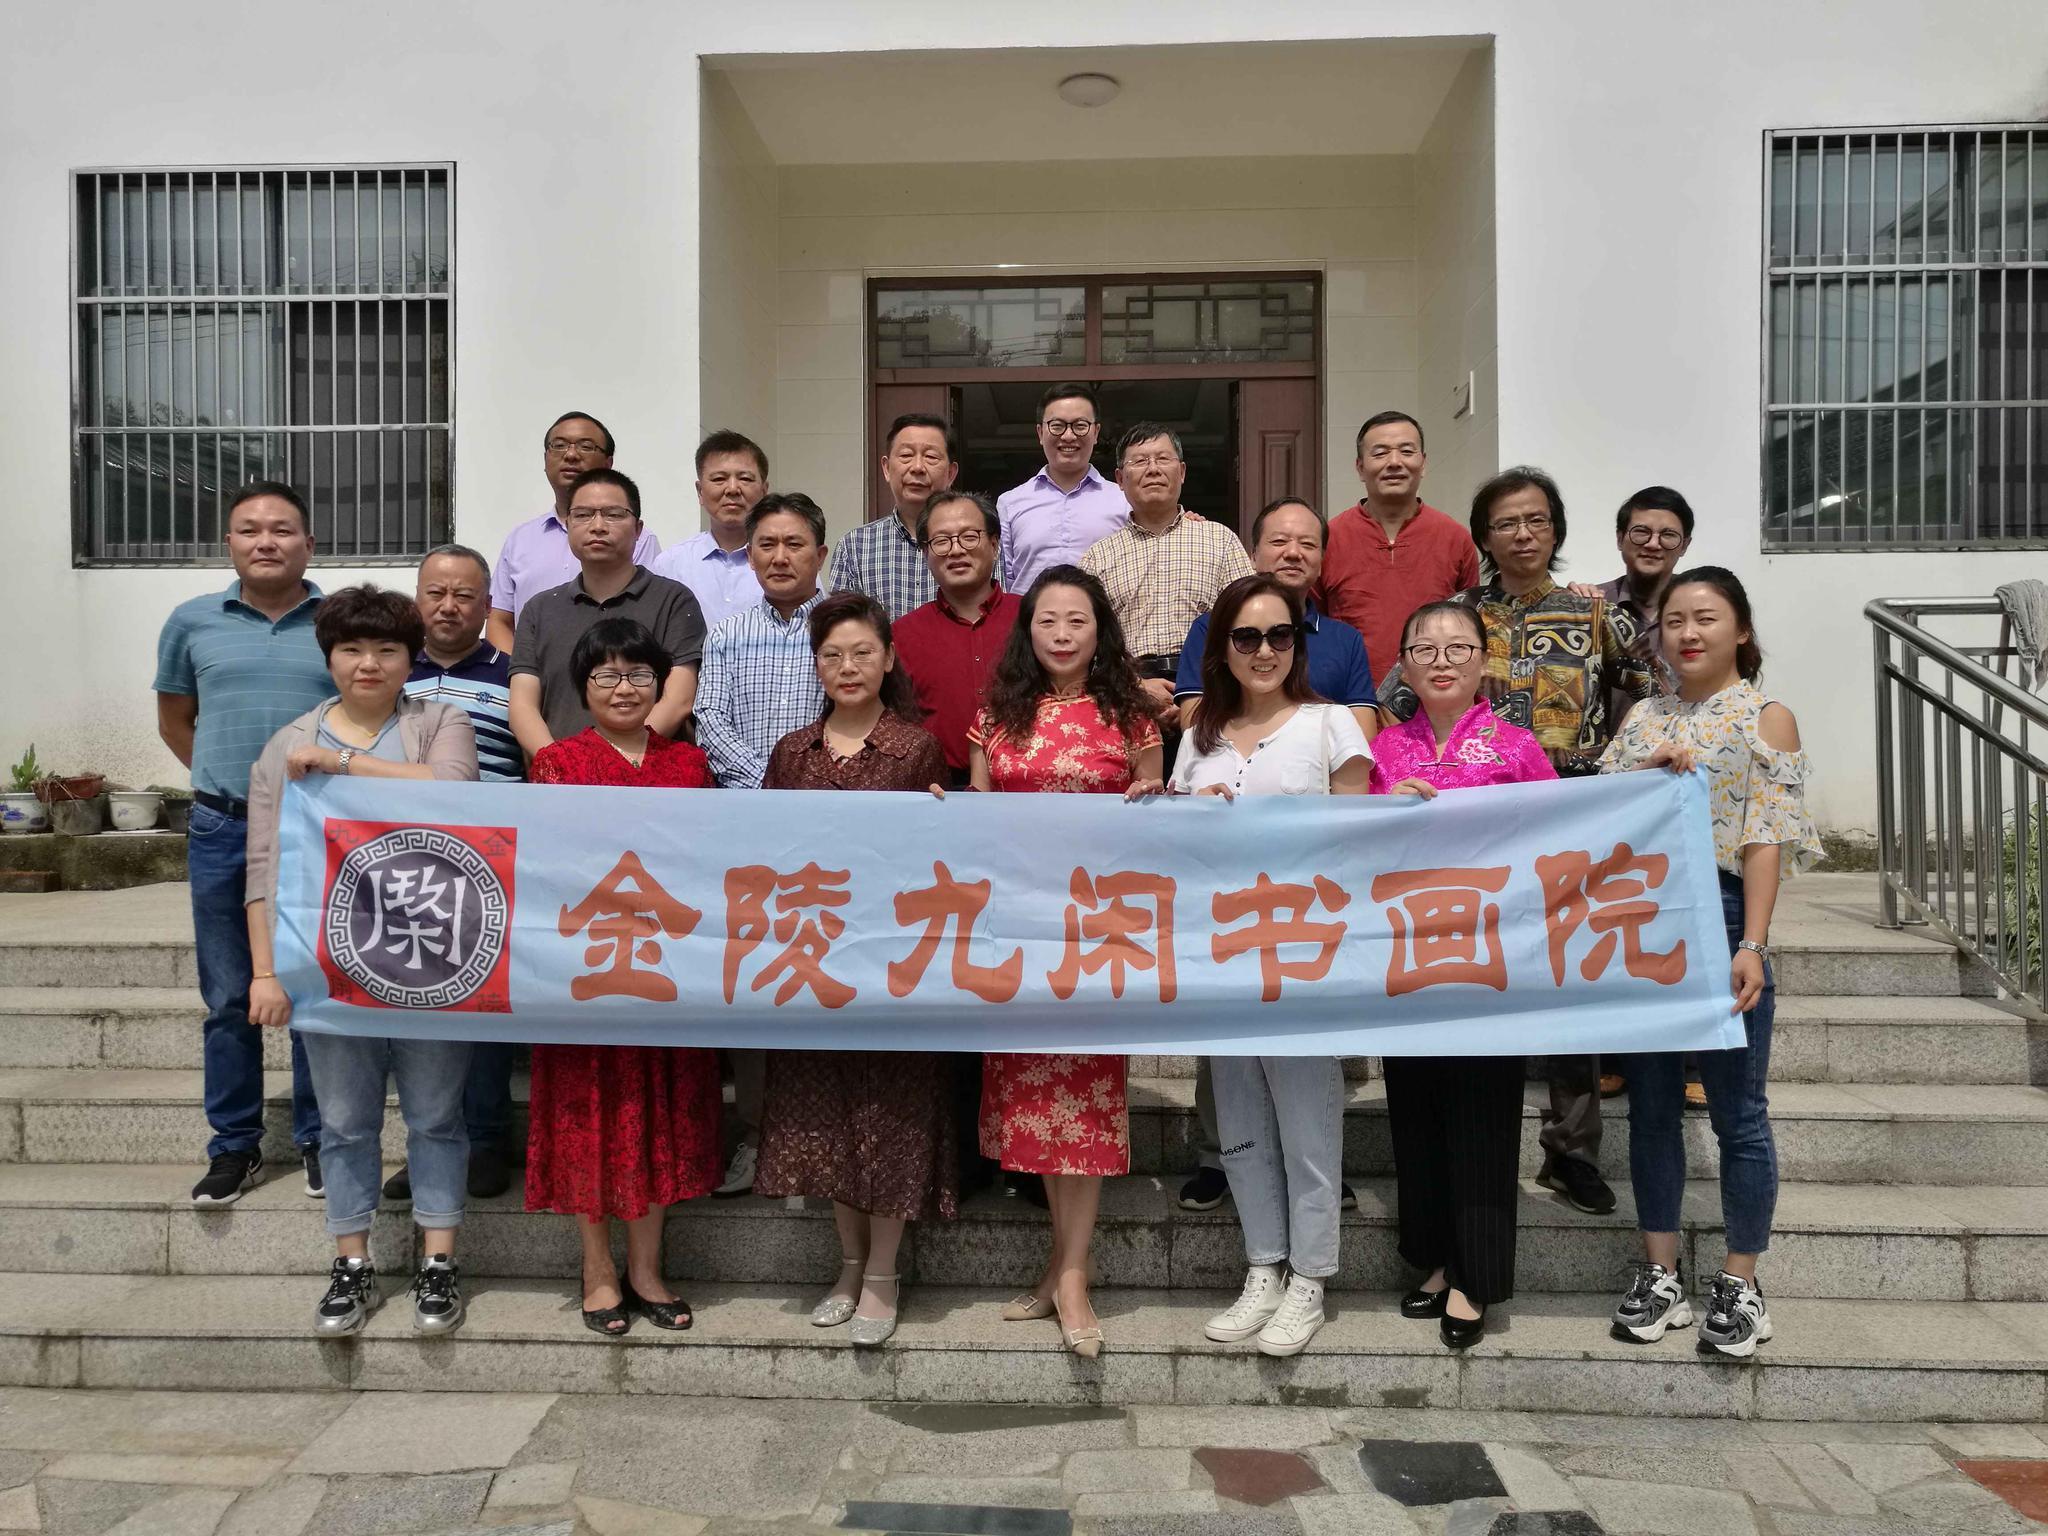 金陵九闲画院李塔湖创作基地挂牌仪式,昨日在句容茅山风景区举行